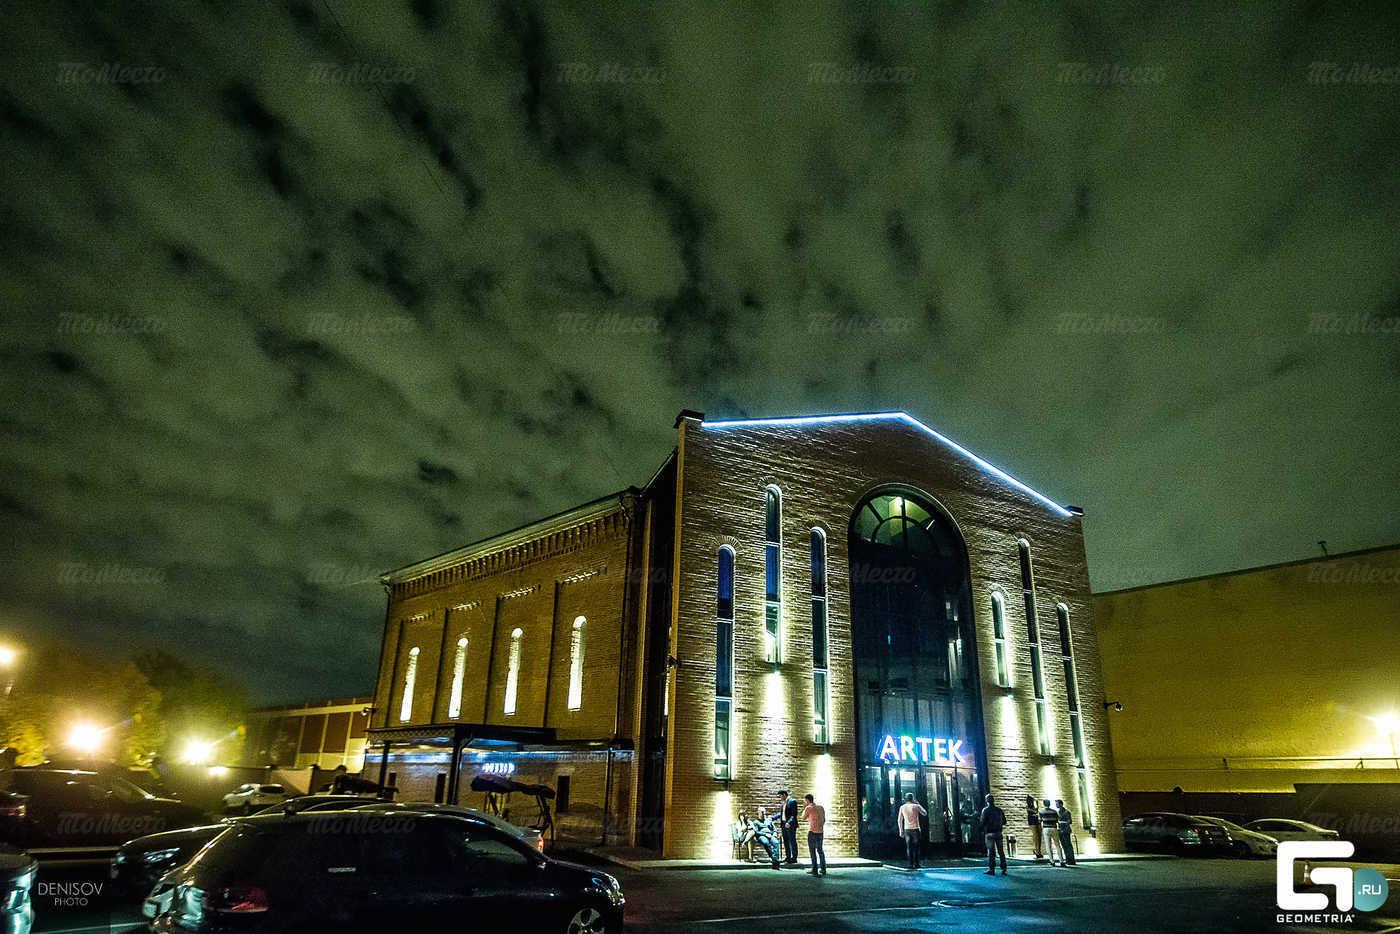 Меню ночного клуба Артек на улице Черняховского